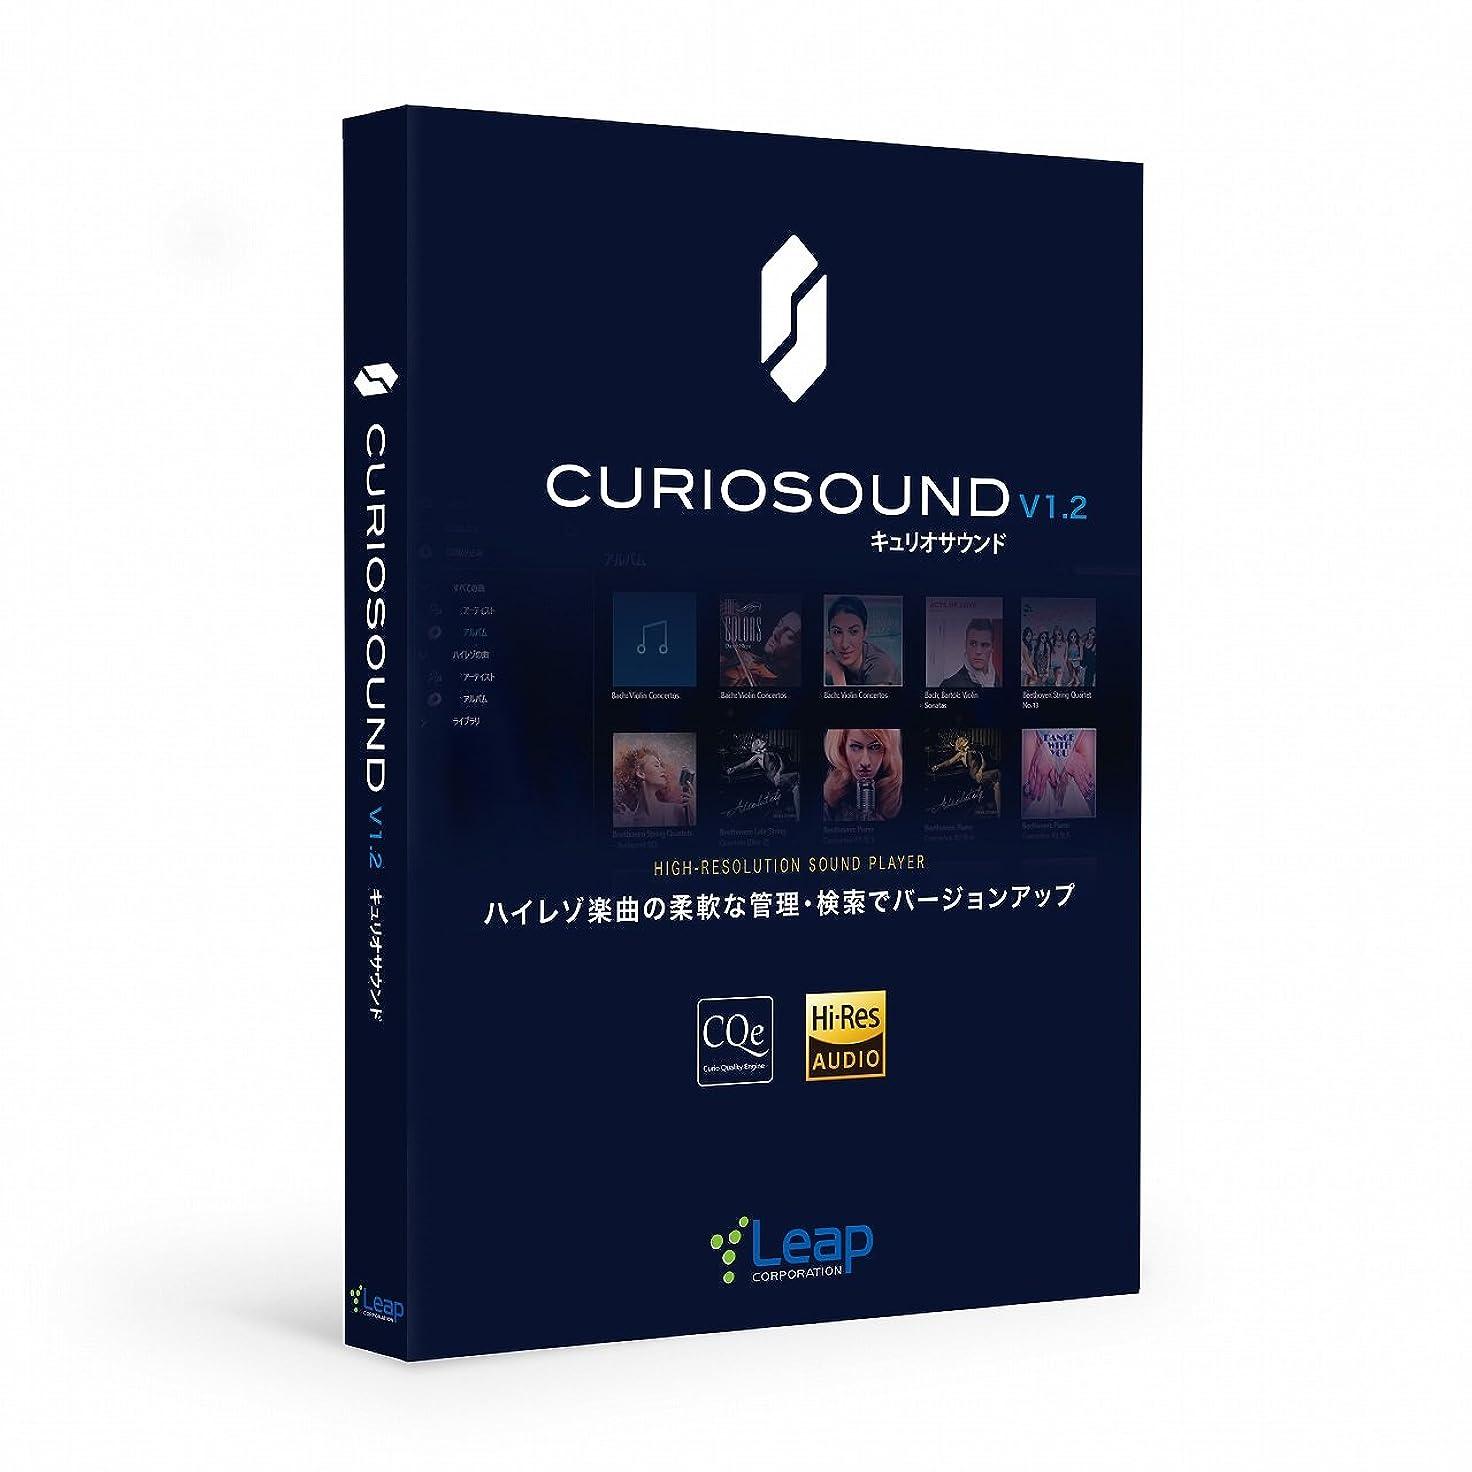 トロリーバスビスケット薄いCurioSound キュリオサウンド V1.2 Windows 10対応版